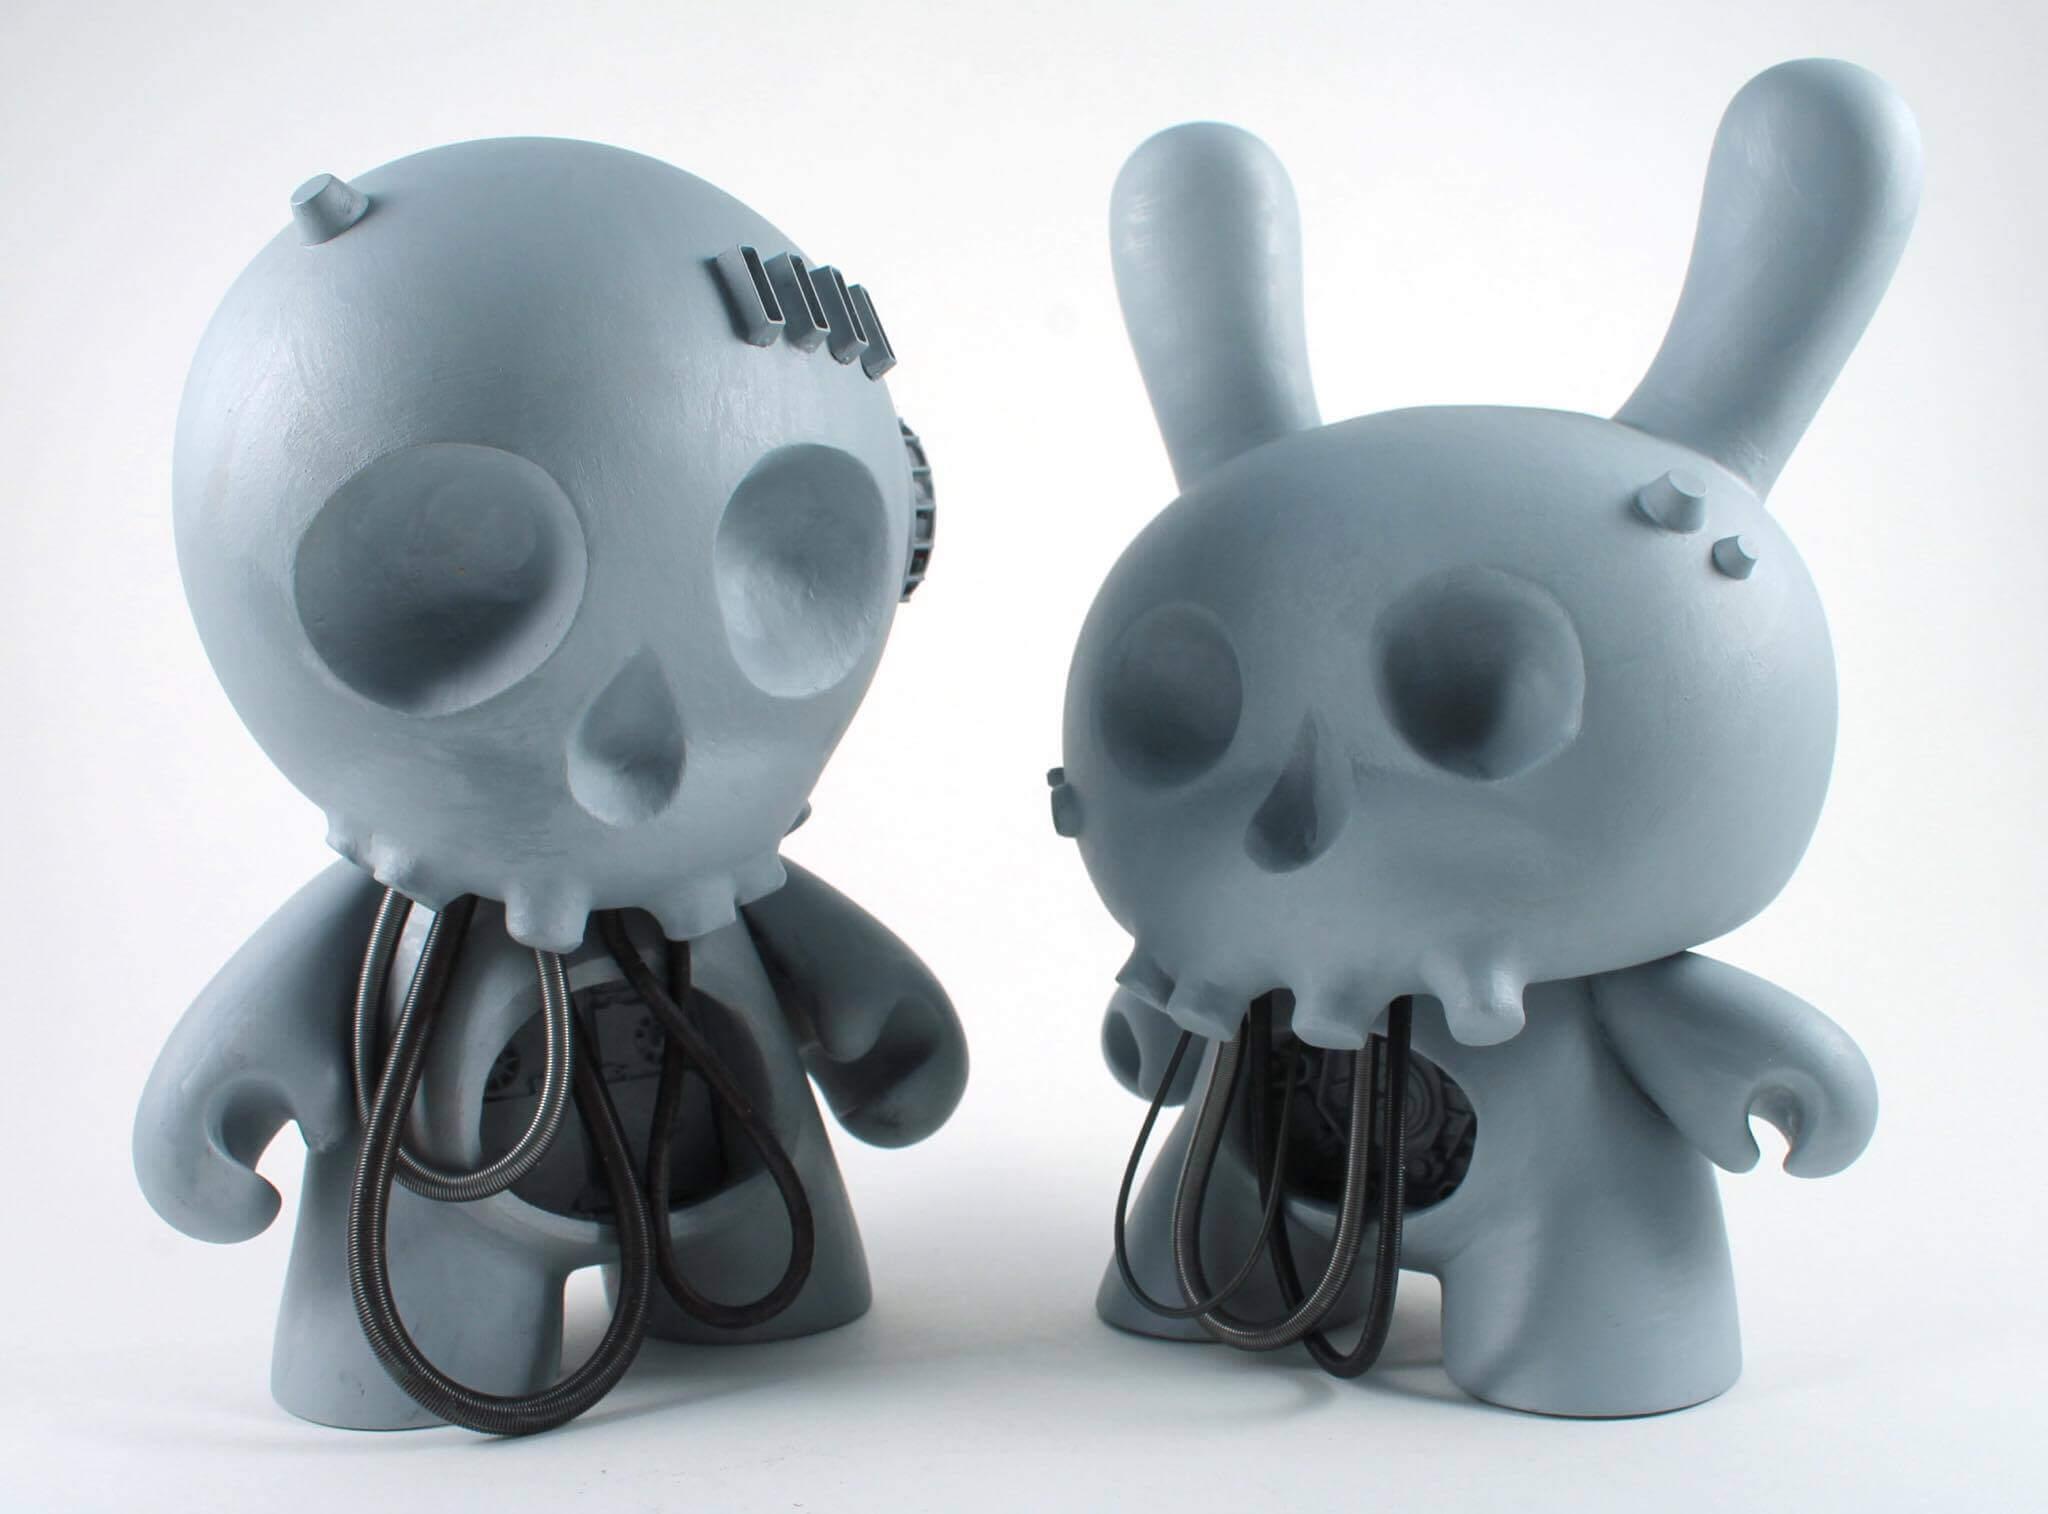 klav-custom-kidrobot-munny-dunny-wip